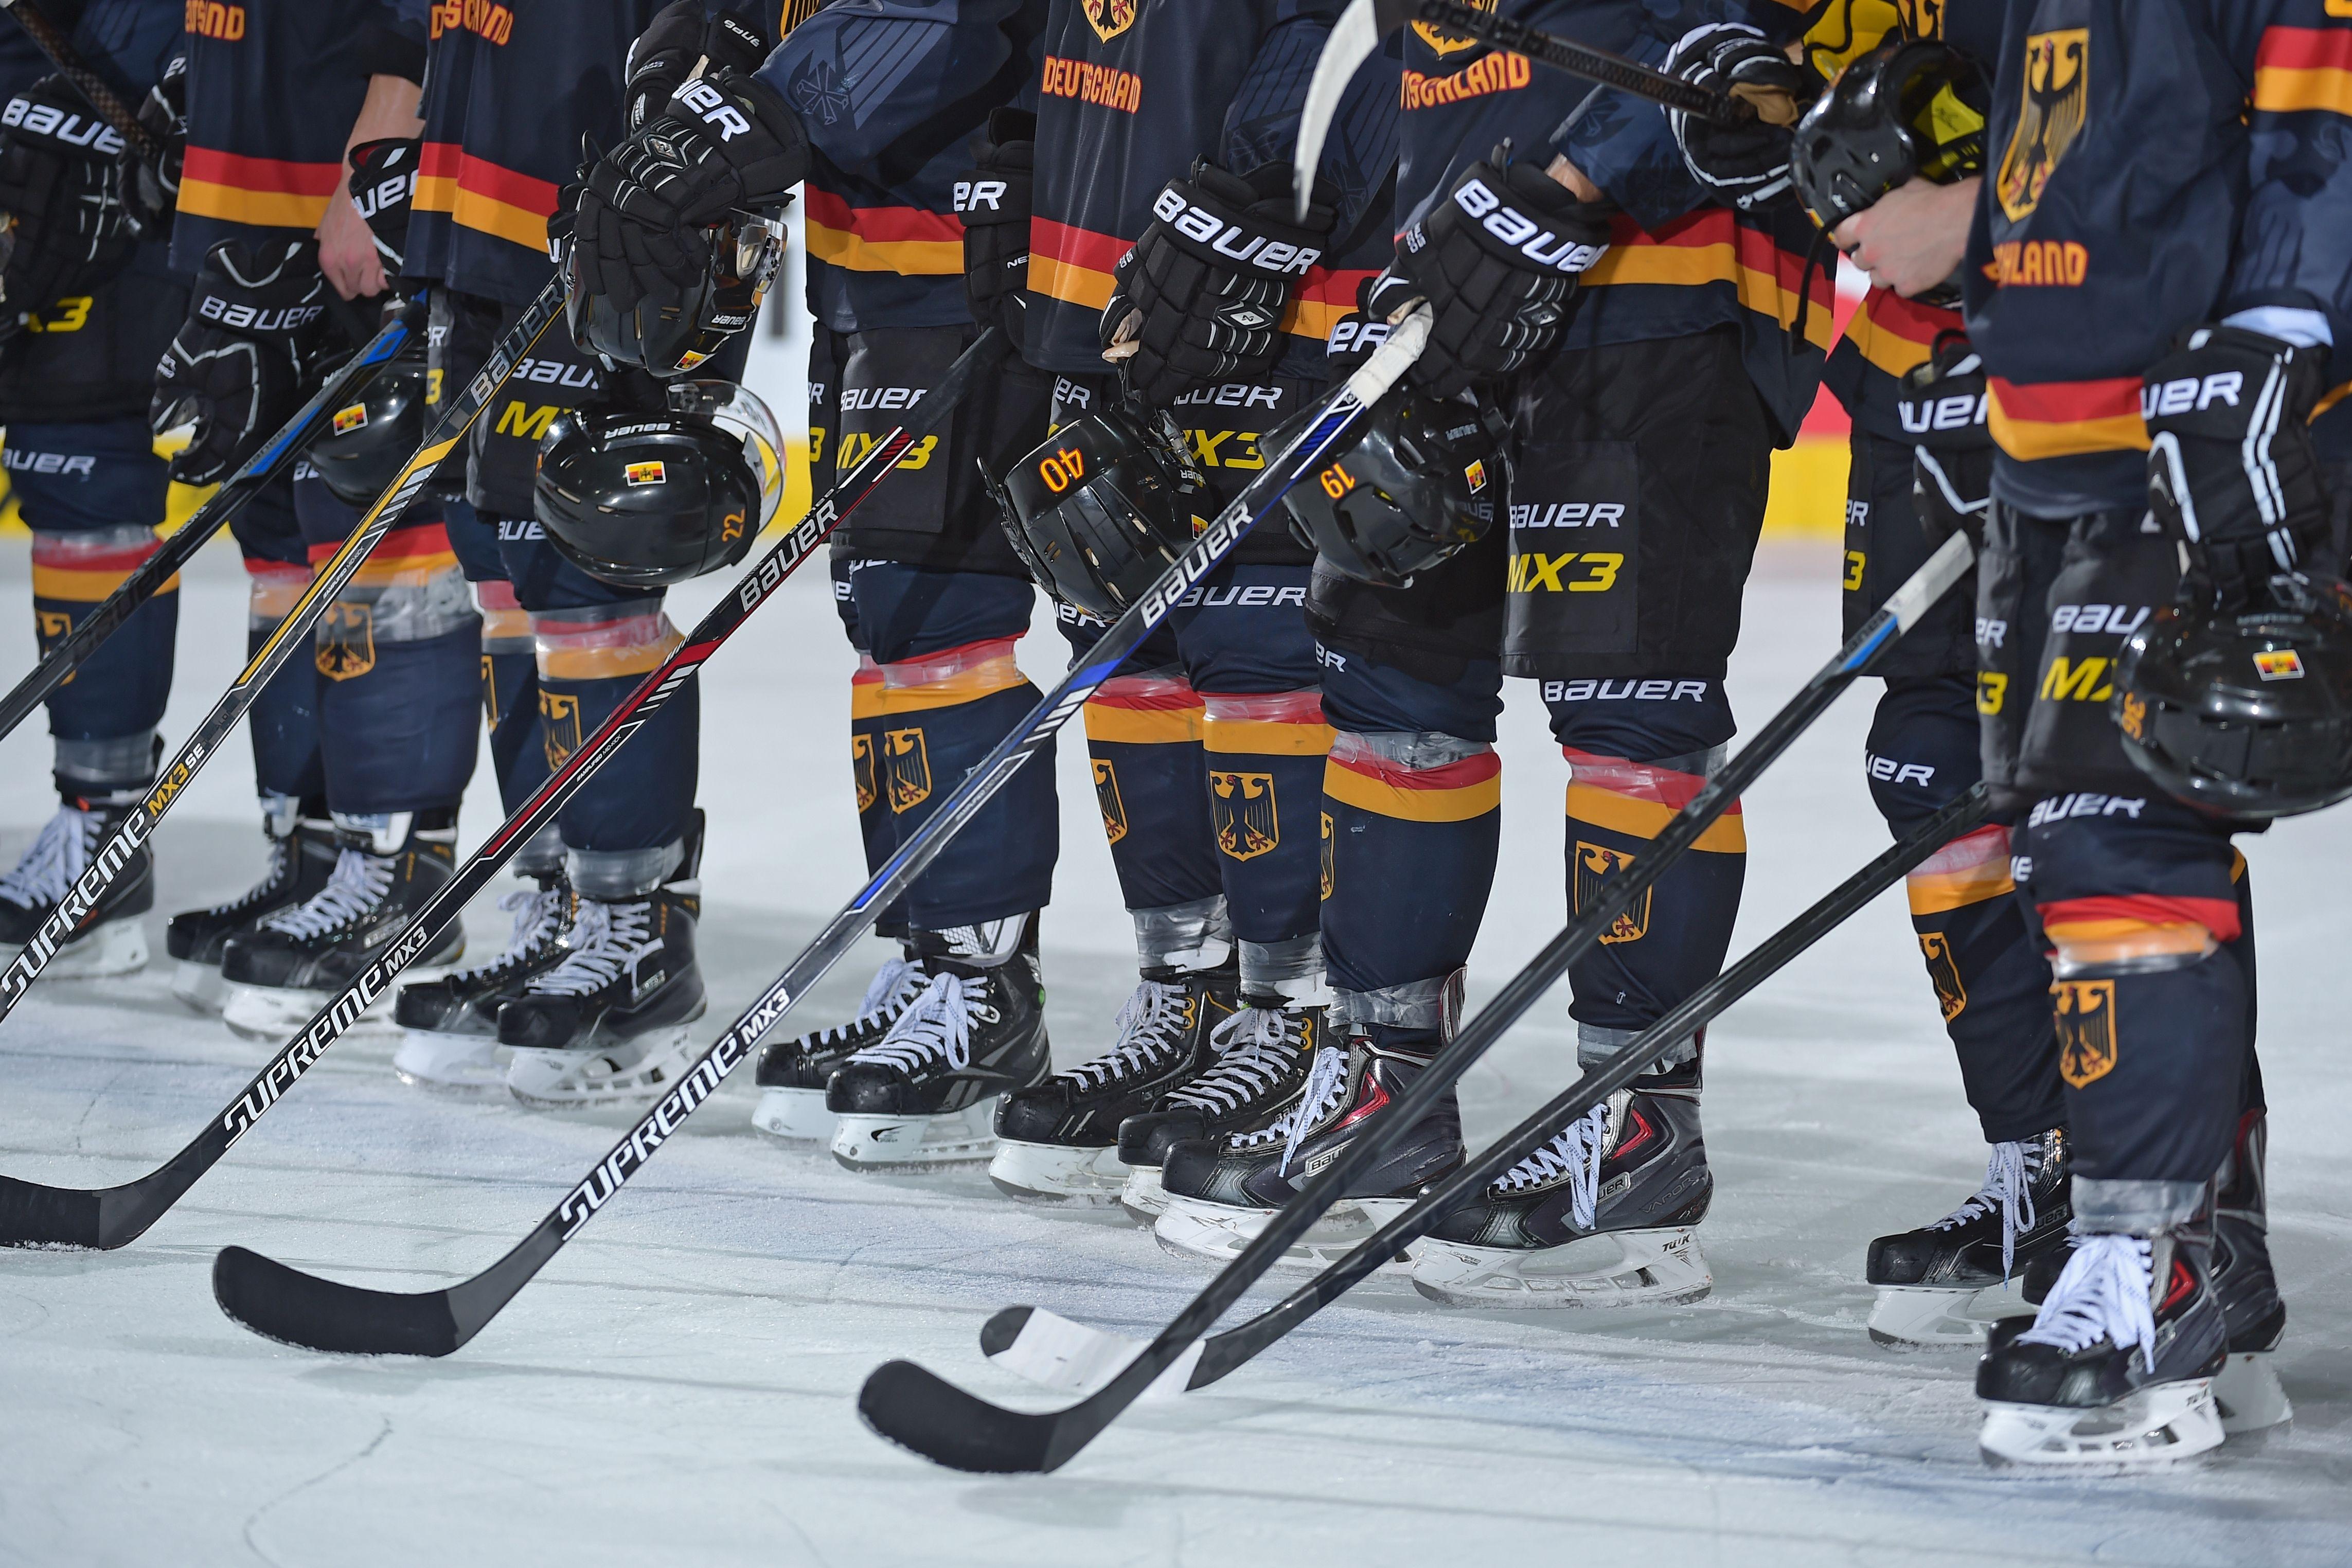 Dcup Die Historie Des Traditionsturniers Deutscher Eishockey Bund